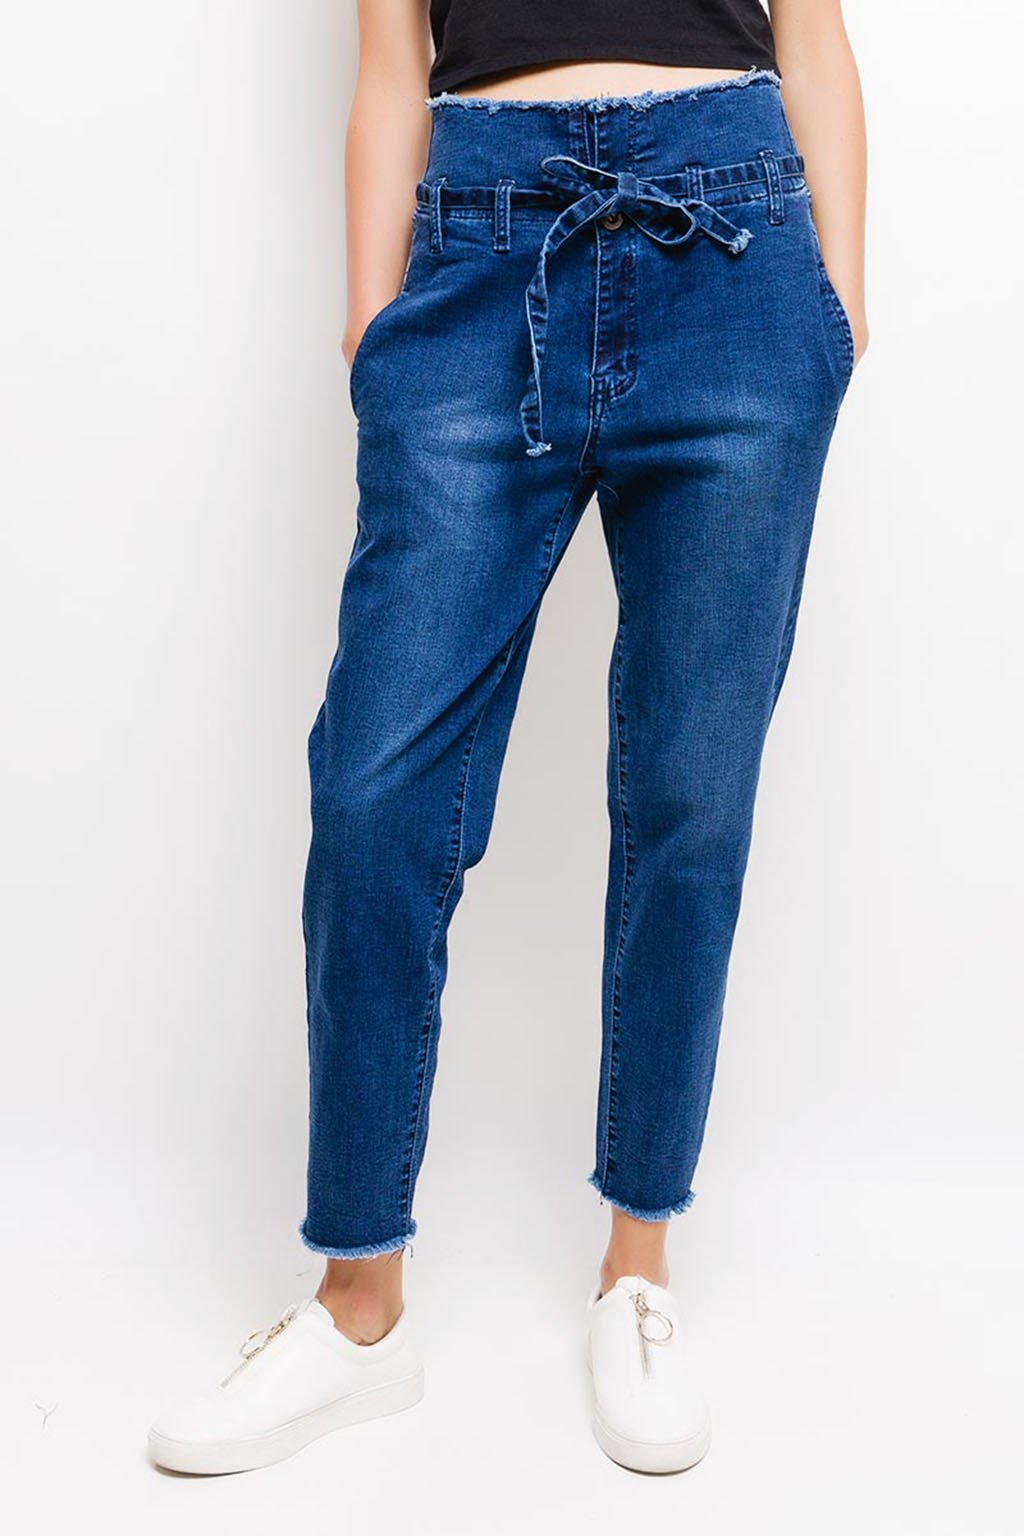 Modré dámské džíny s vysokým pasem